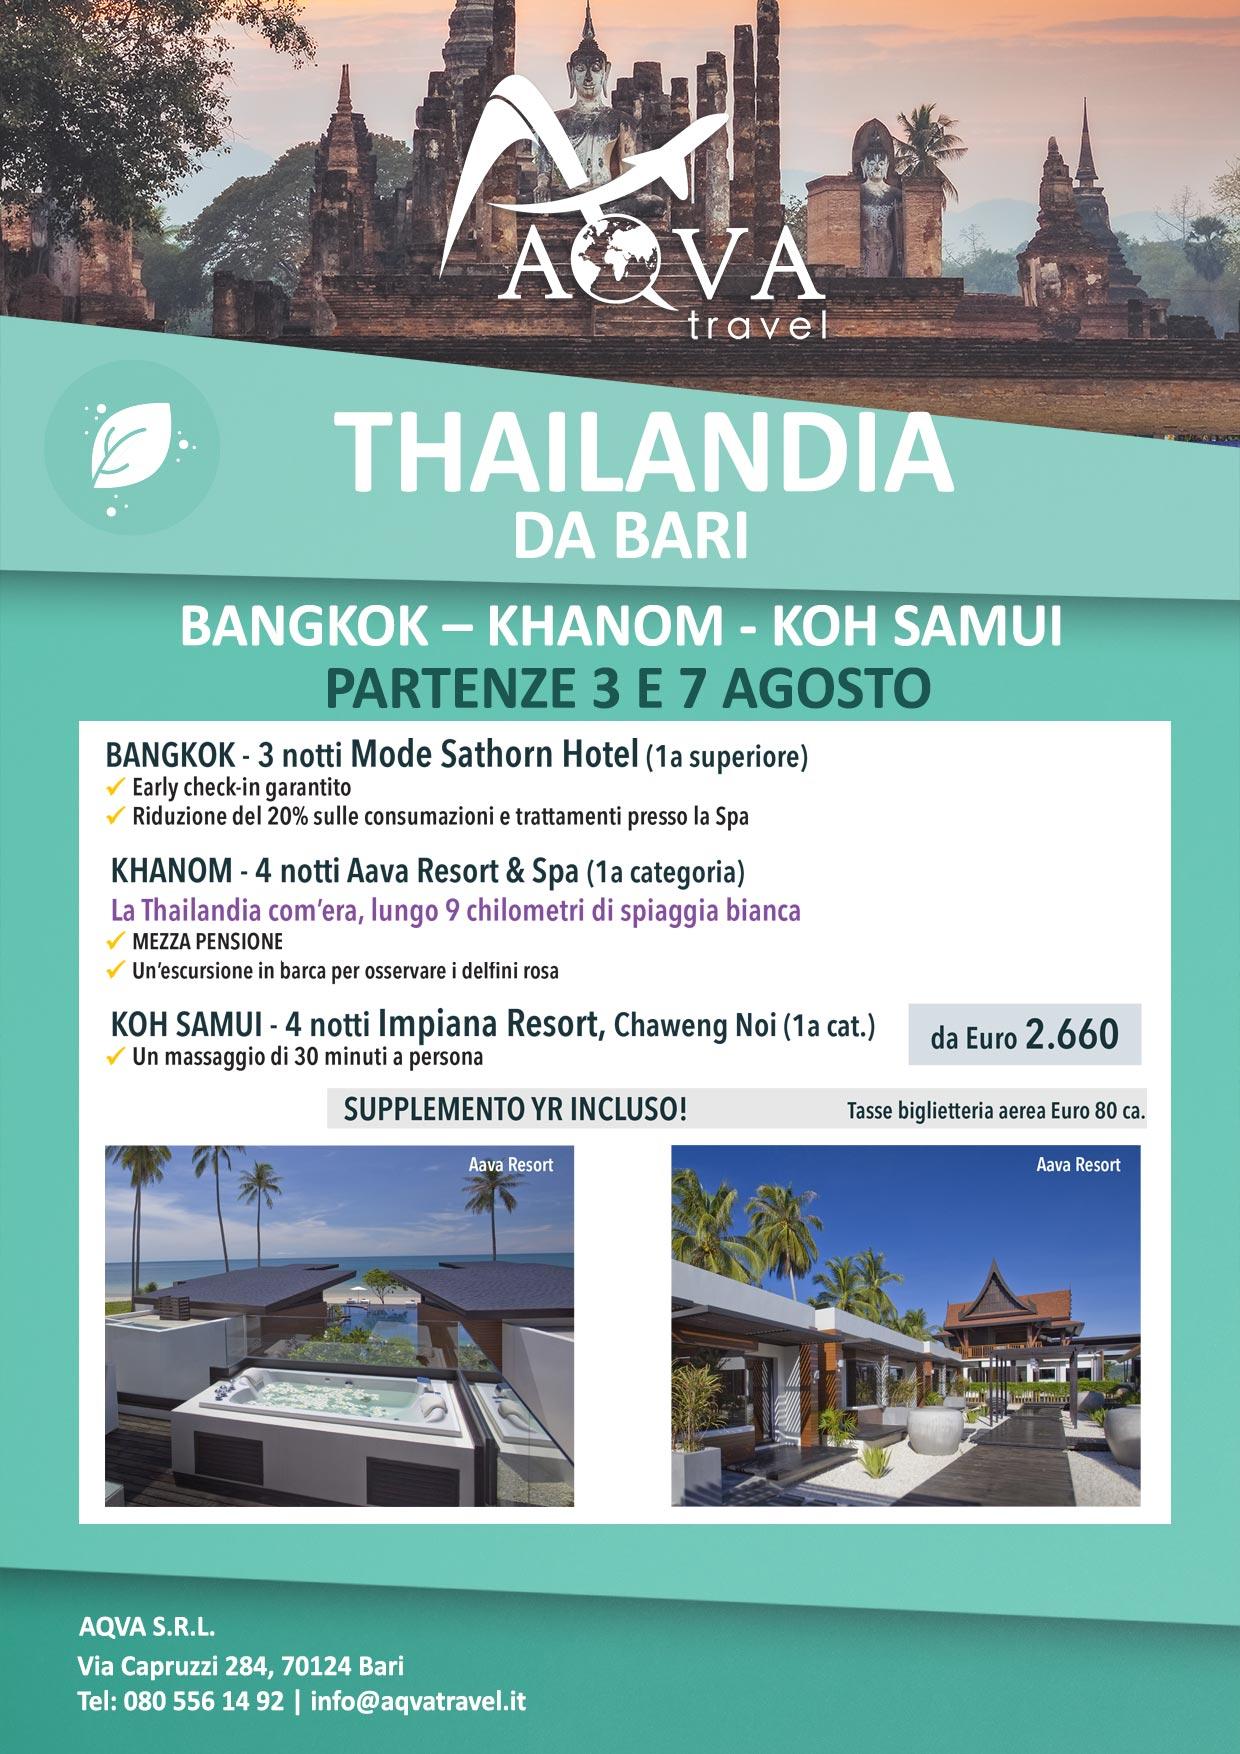 THAILANDIA-DA-BARI-BANGKOK-–-KHANOM---KOH-SAMUI-NATURA-offerte-agenzia-di-viaggi-Bari-AQVATRAVEL-it